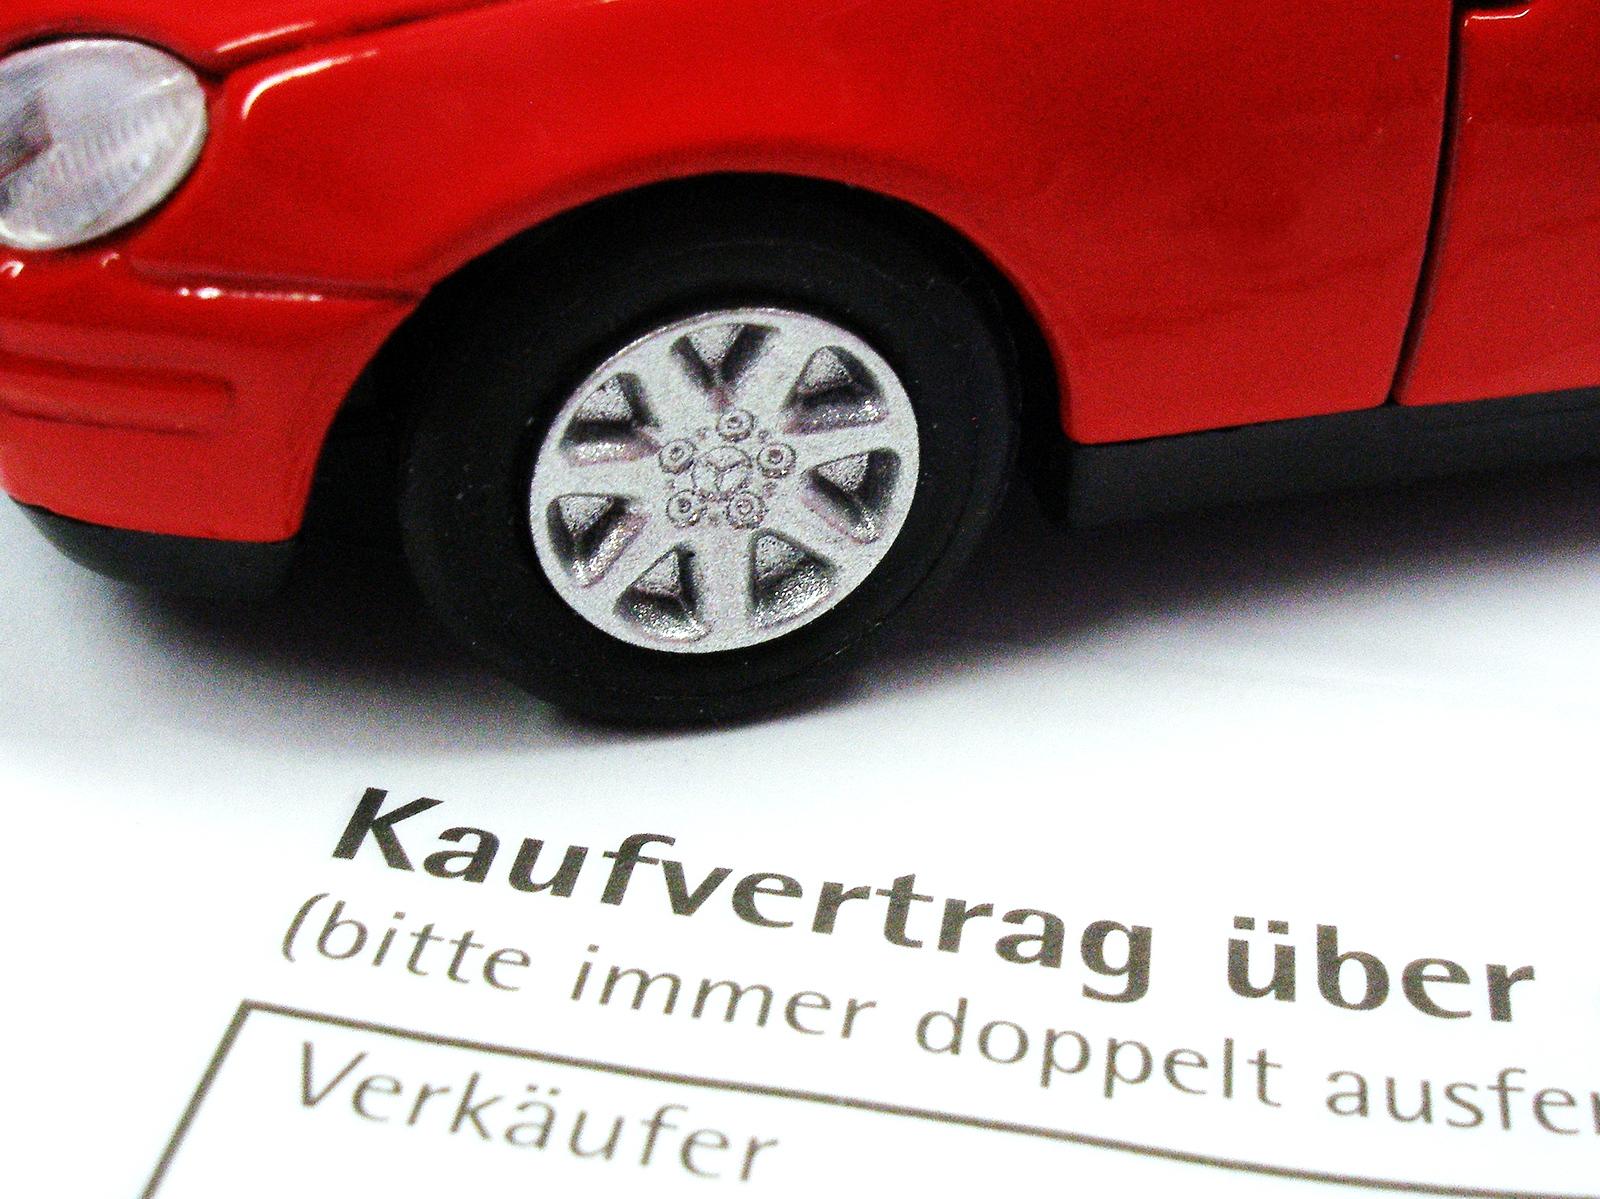 Autokauf-Claudia-Hautumm_pixelio.de_.jpg